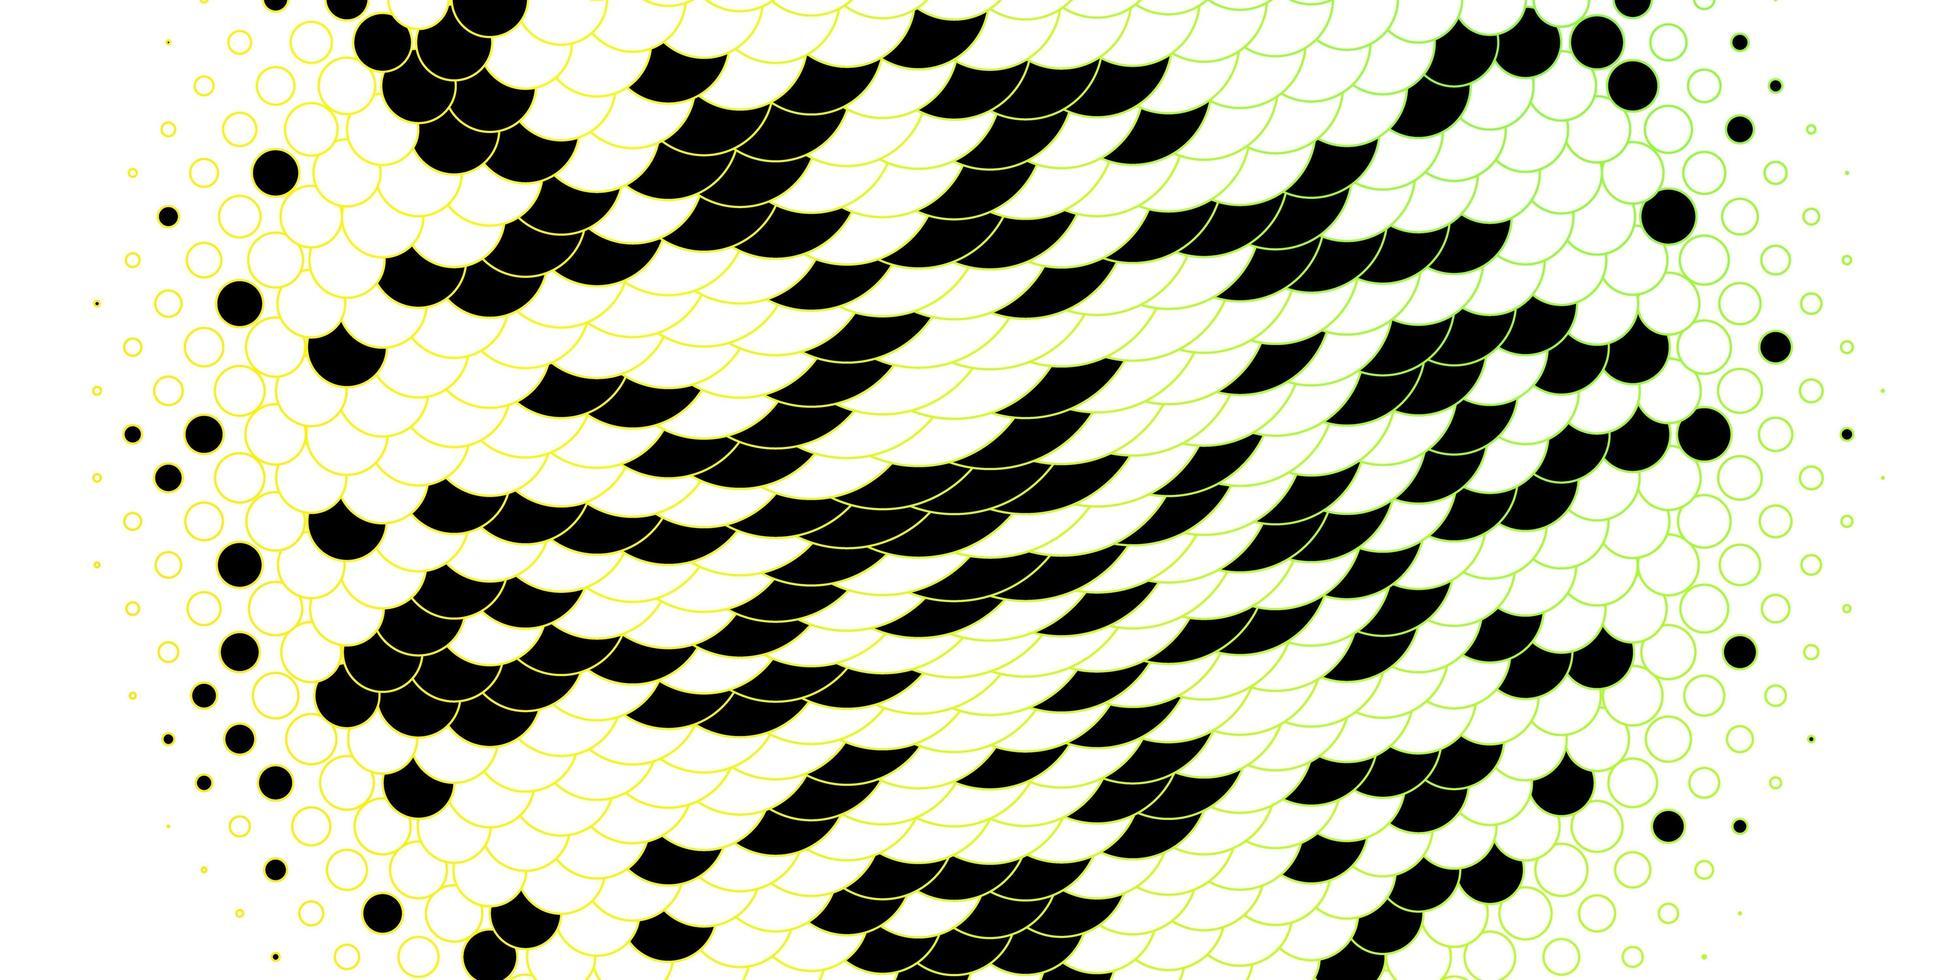 lichtgroene en gele lay-out met cirkelvormen. vector